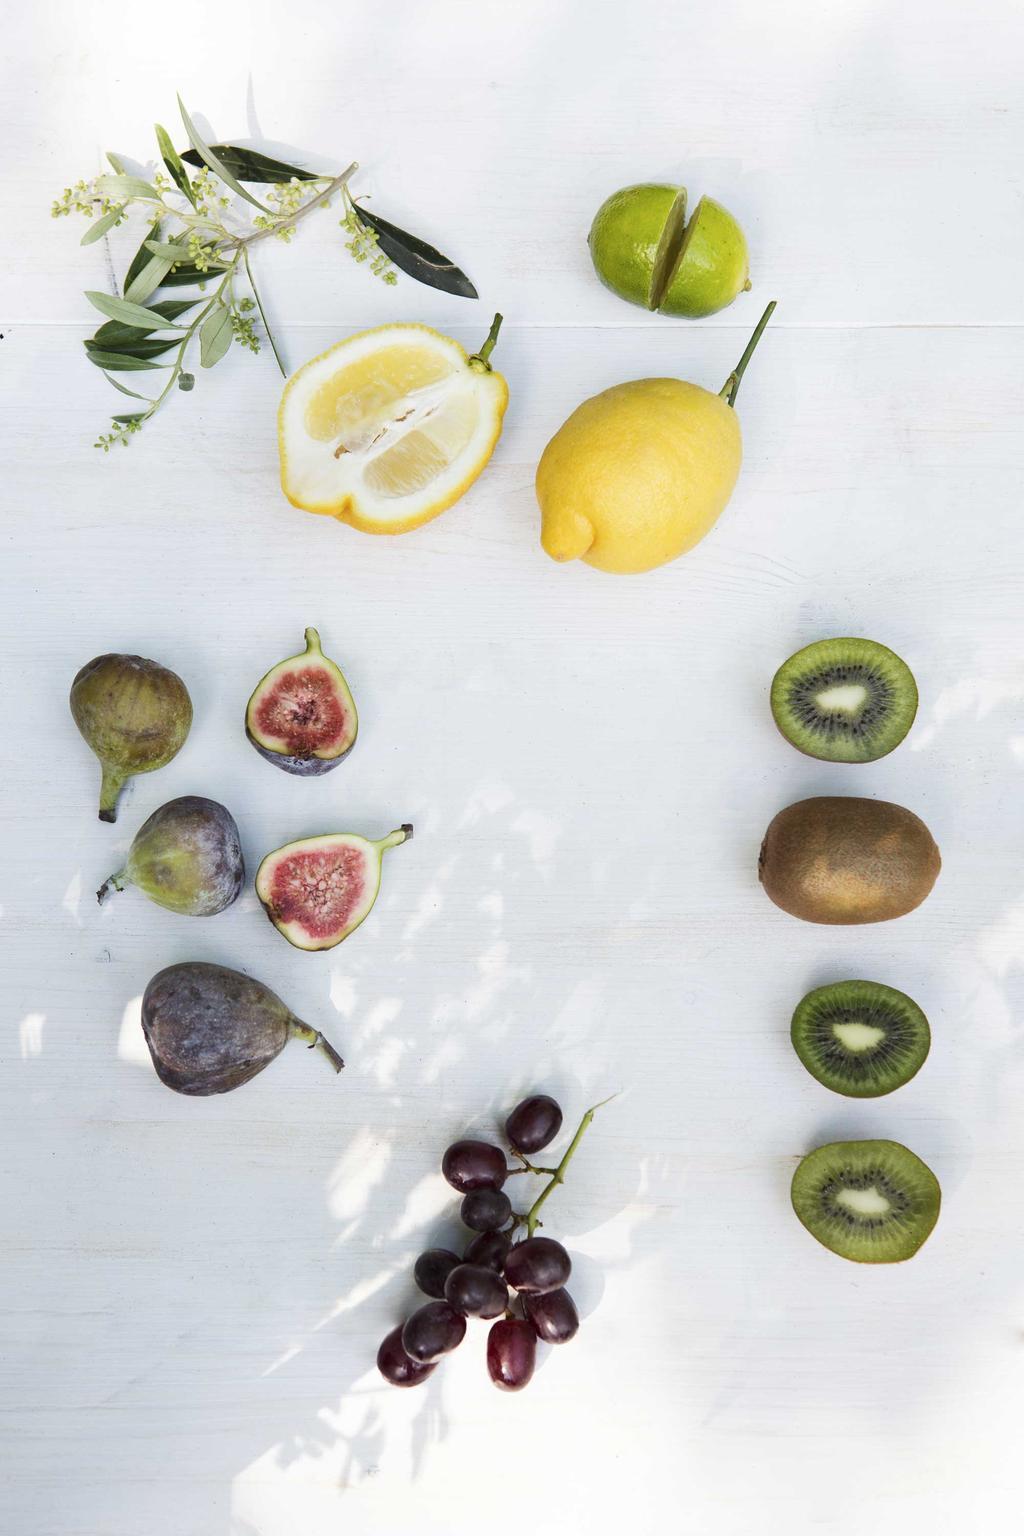 Citrus, Vijg, Olijf en Druif